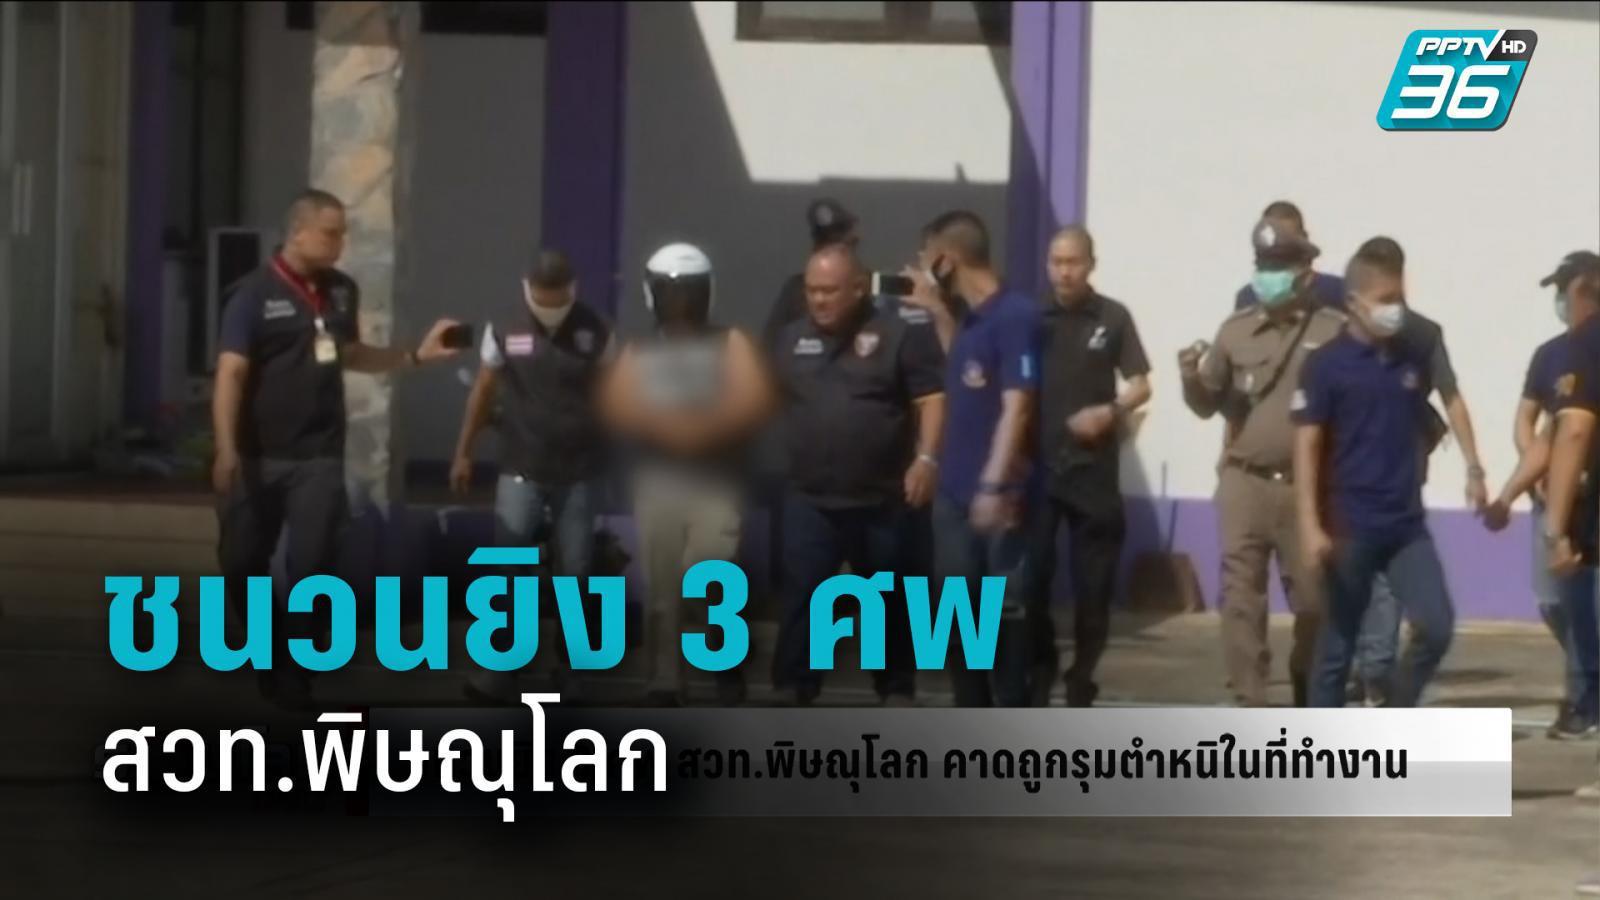 ชนวนยิง 3 ศพ สวท.พิษณุโลก คาดถูกรุมตำหนิในที่ทำงาน